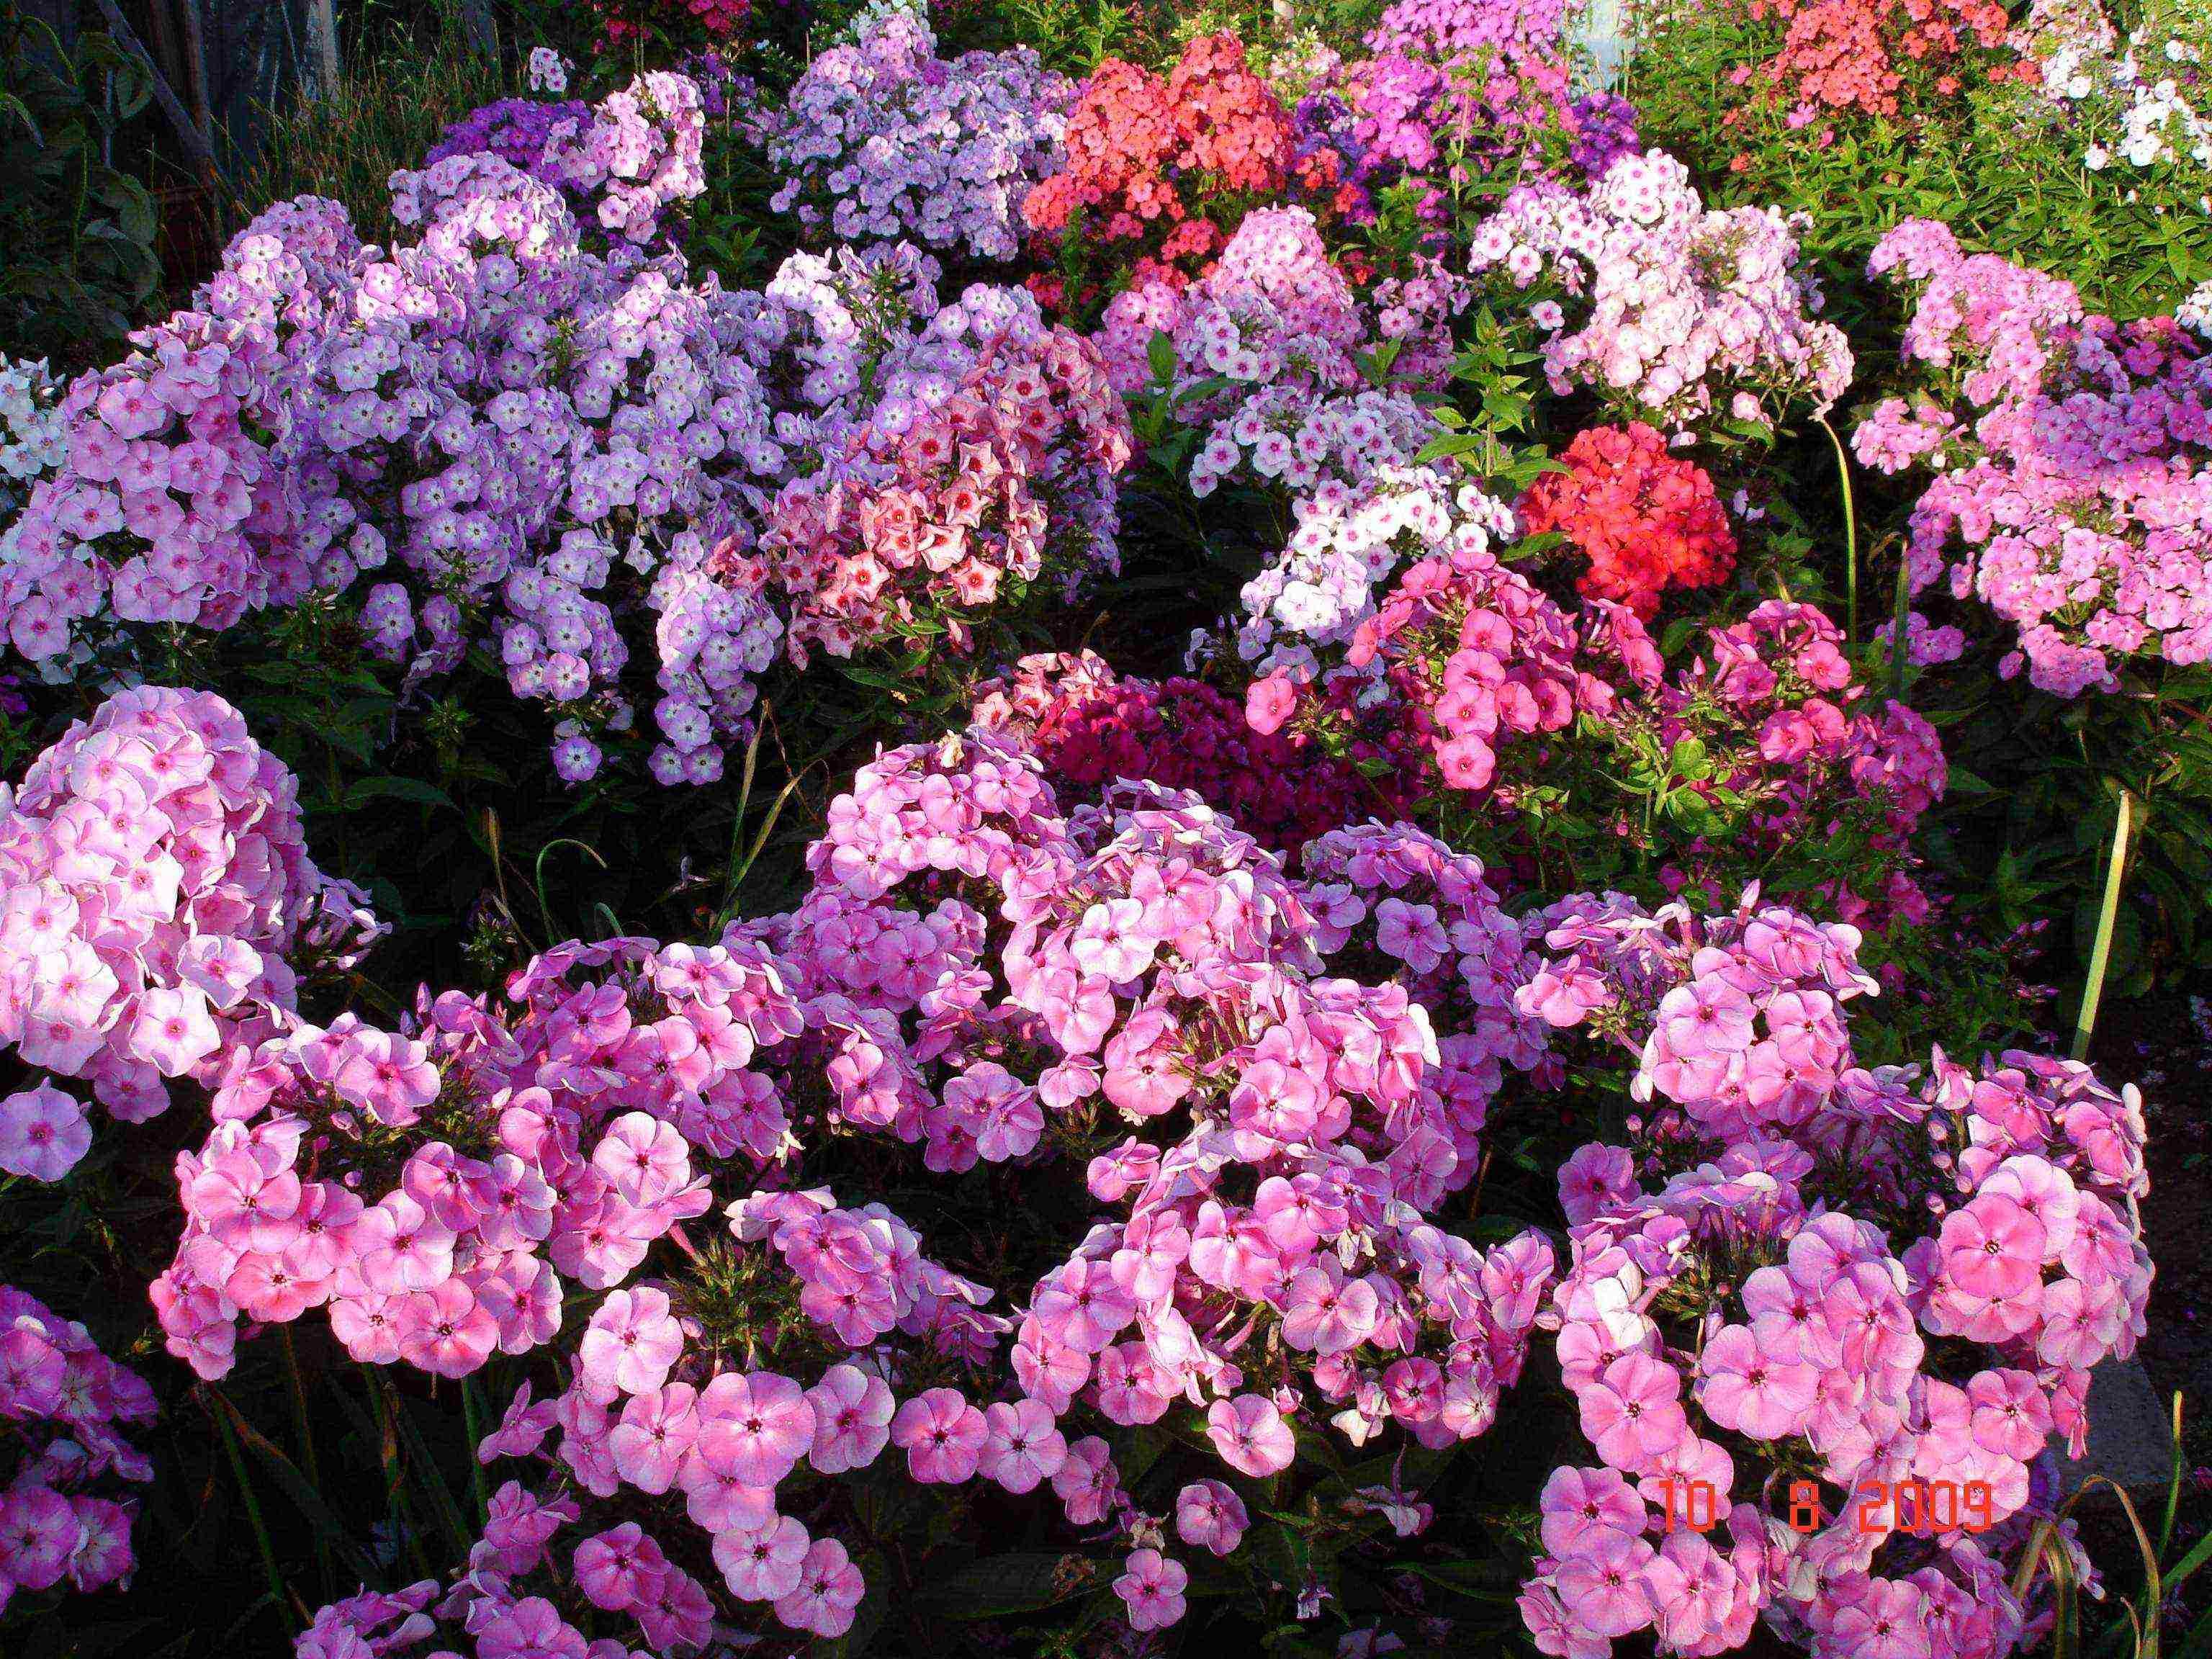 О флоксах: как правильно сажать в открытом грунте летом, осенью, весной